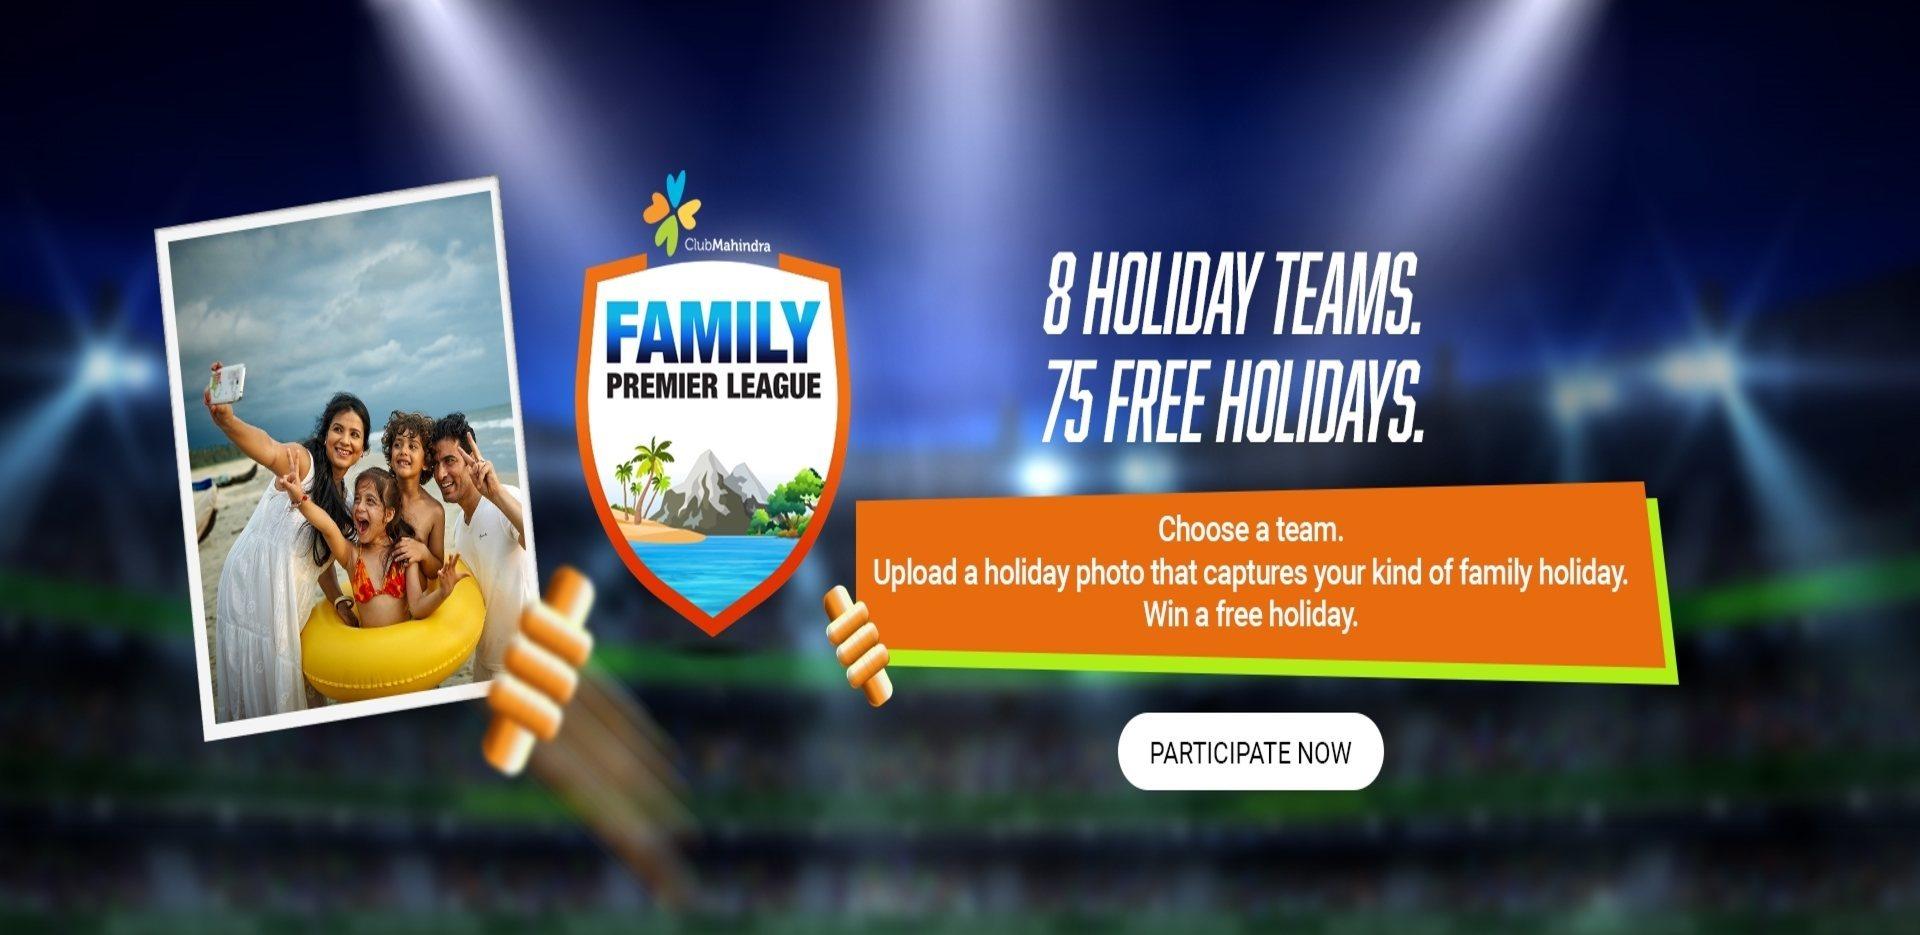 Family Premier League